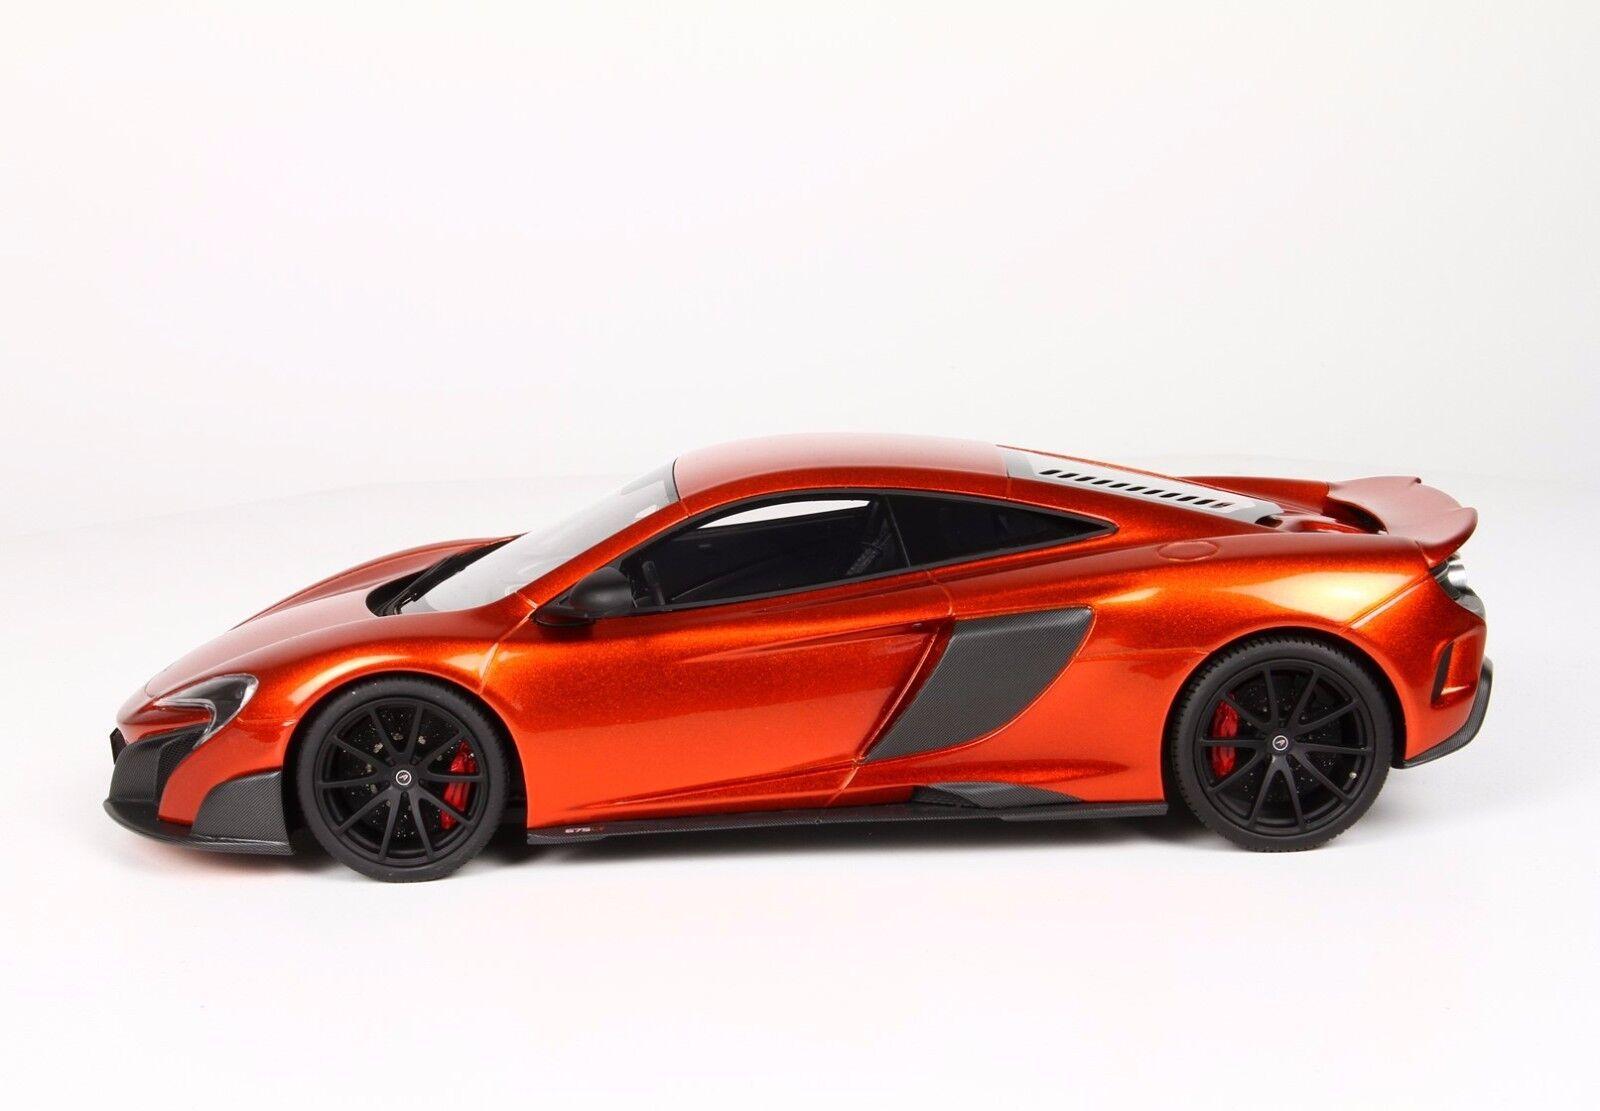 BBR McLaren 675LT Volcano orange 1 18 LE 20pcs Sällsynt färg Det är svårt att hitta